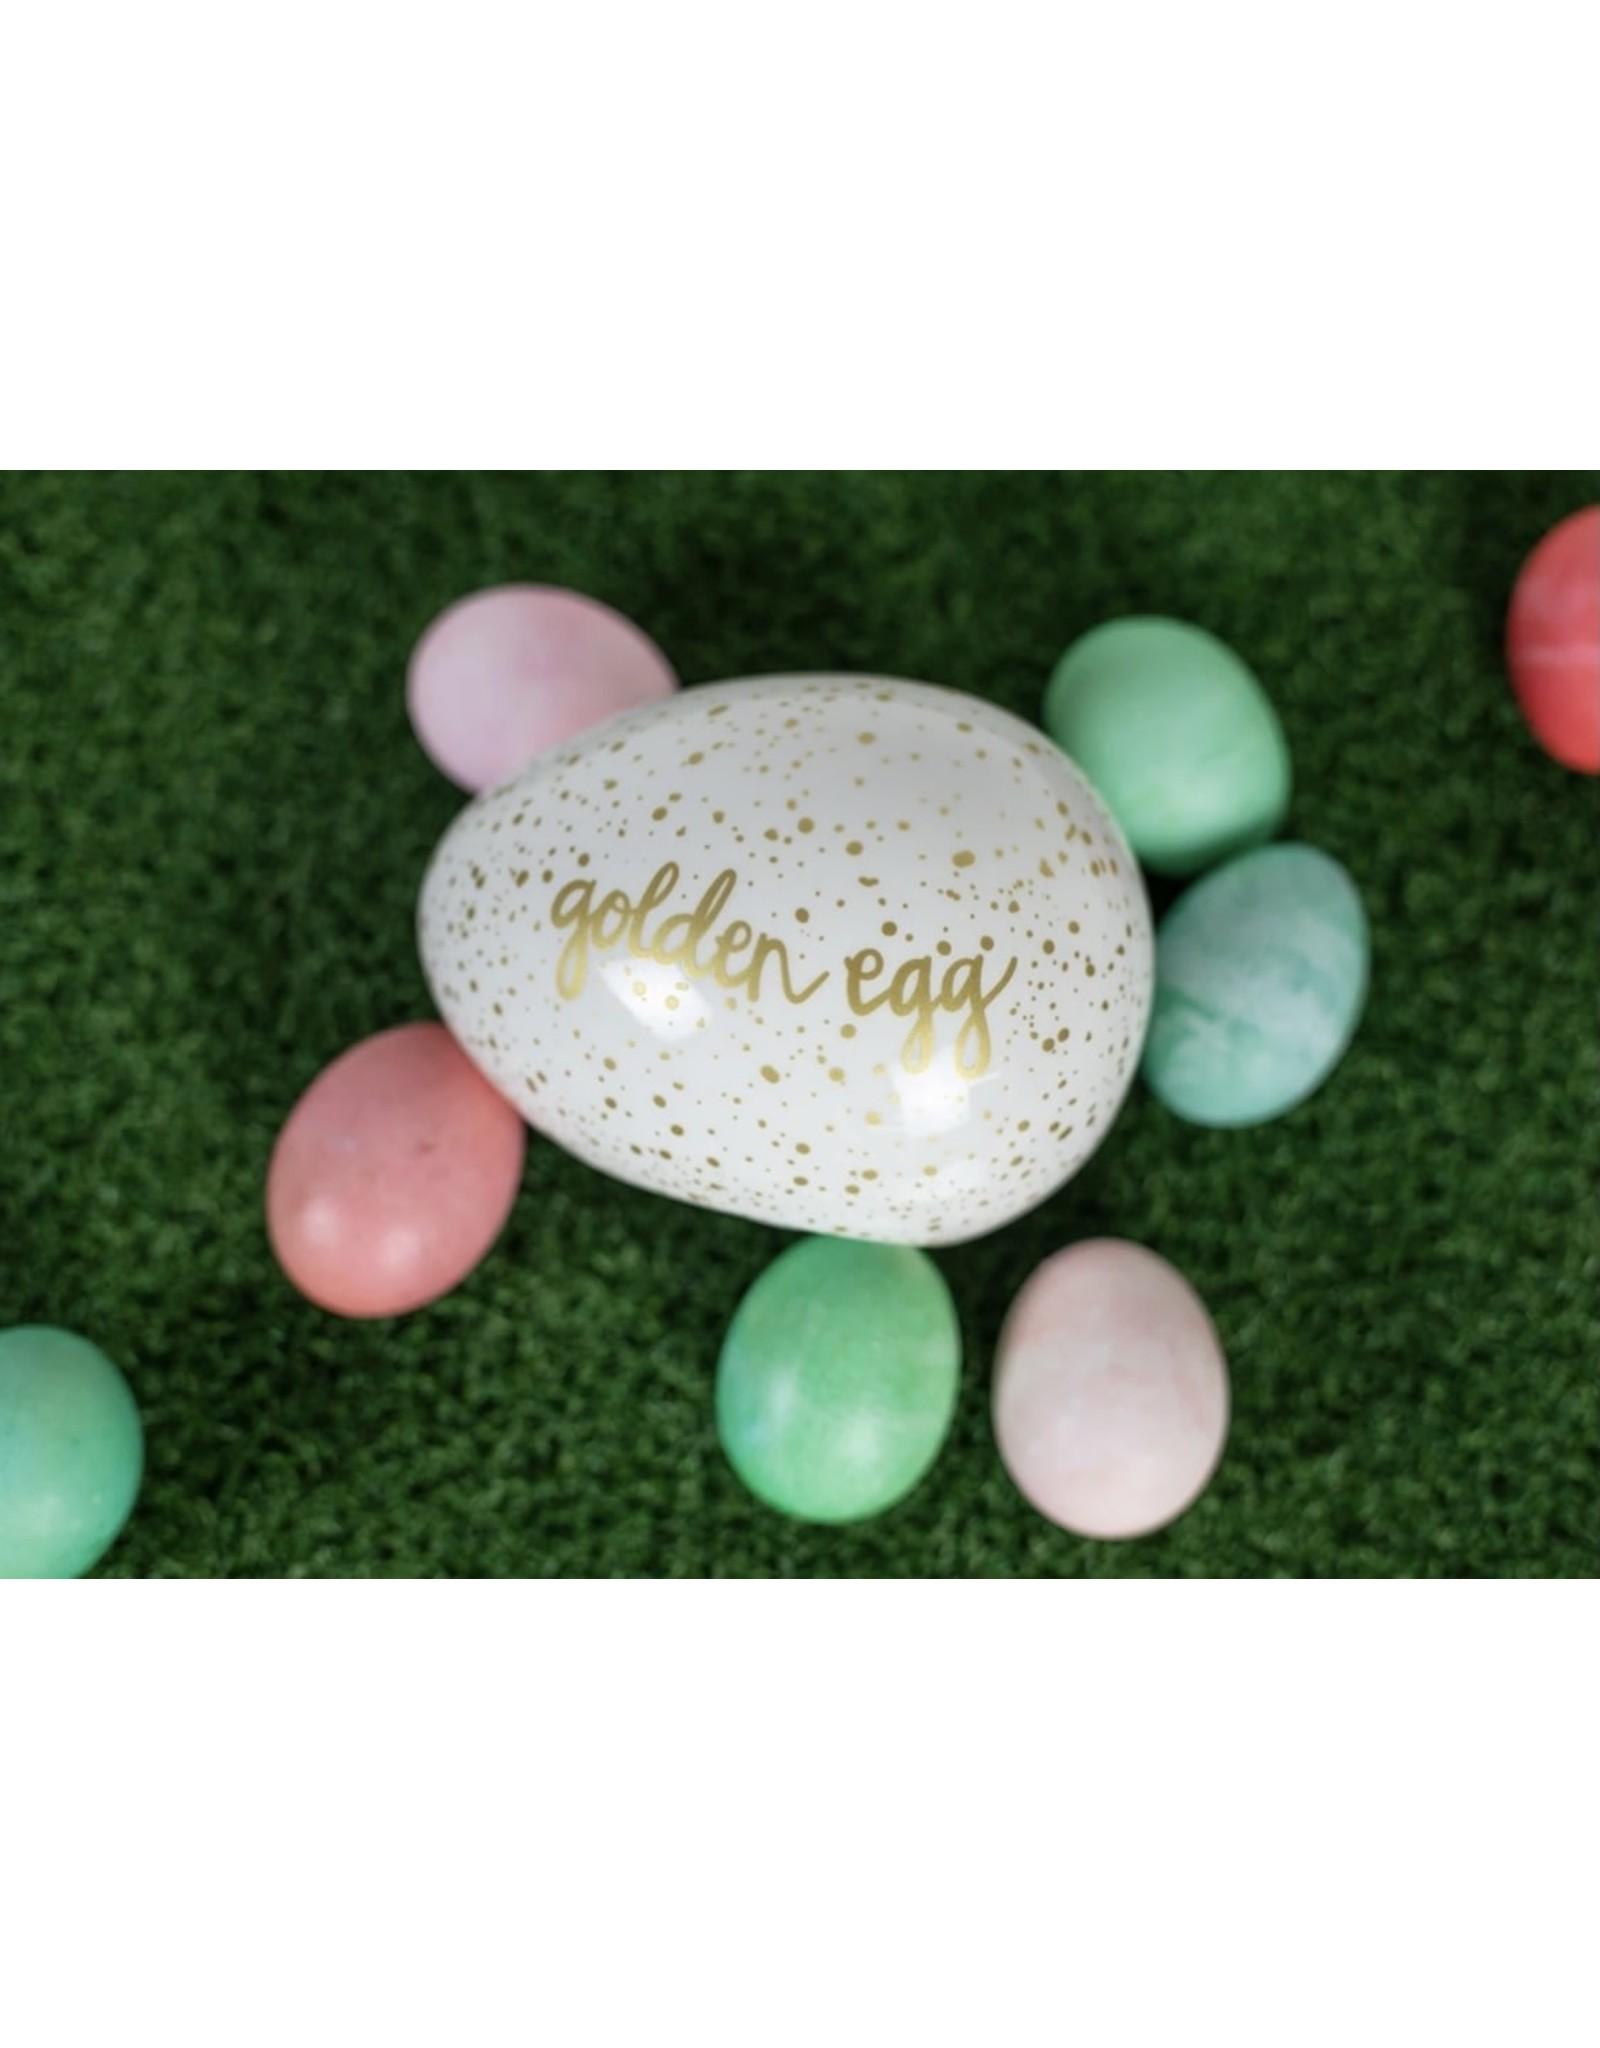 Speckled Golden Egg